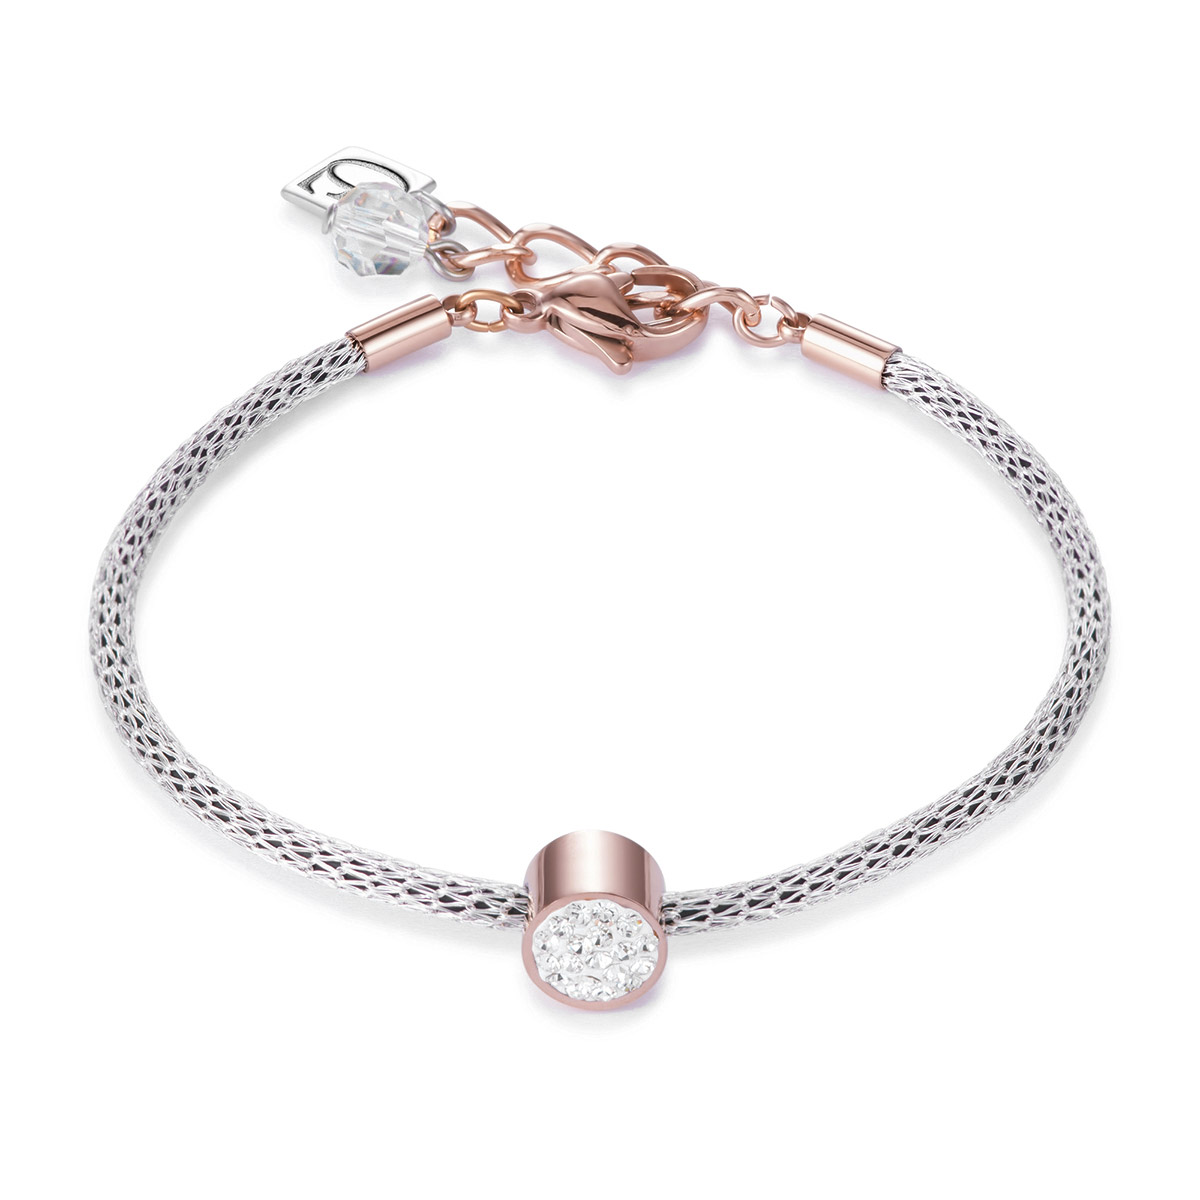 bei Uhrcenter: Coeur de Lion 0218/30-1800 Damenarmband Weiß/Stahl/Rosé - Schmuck